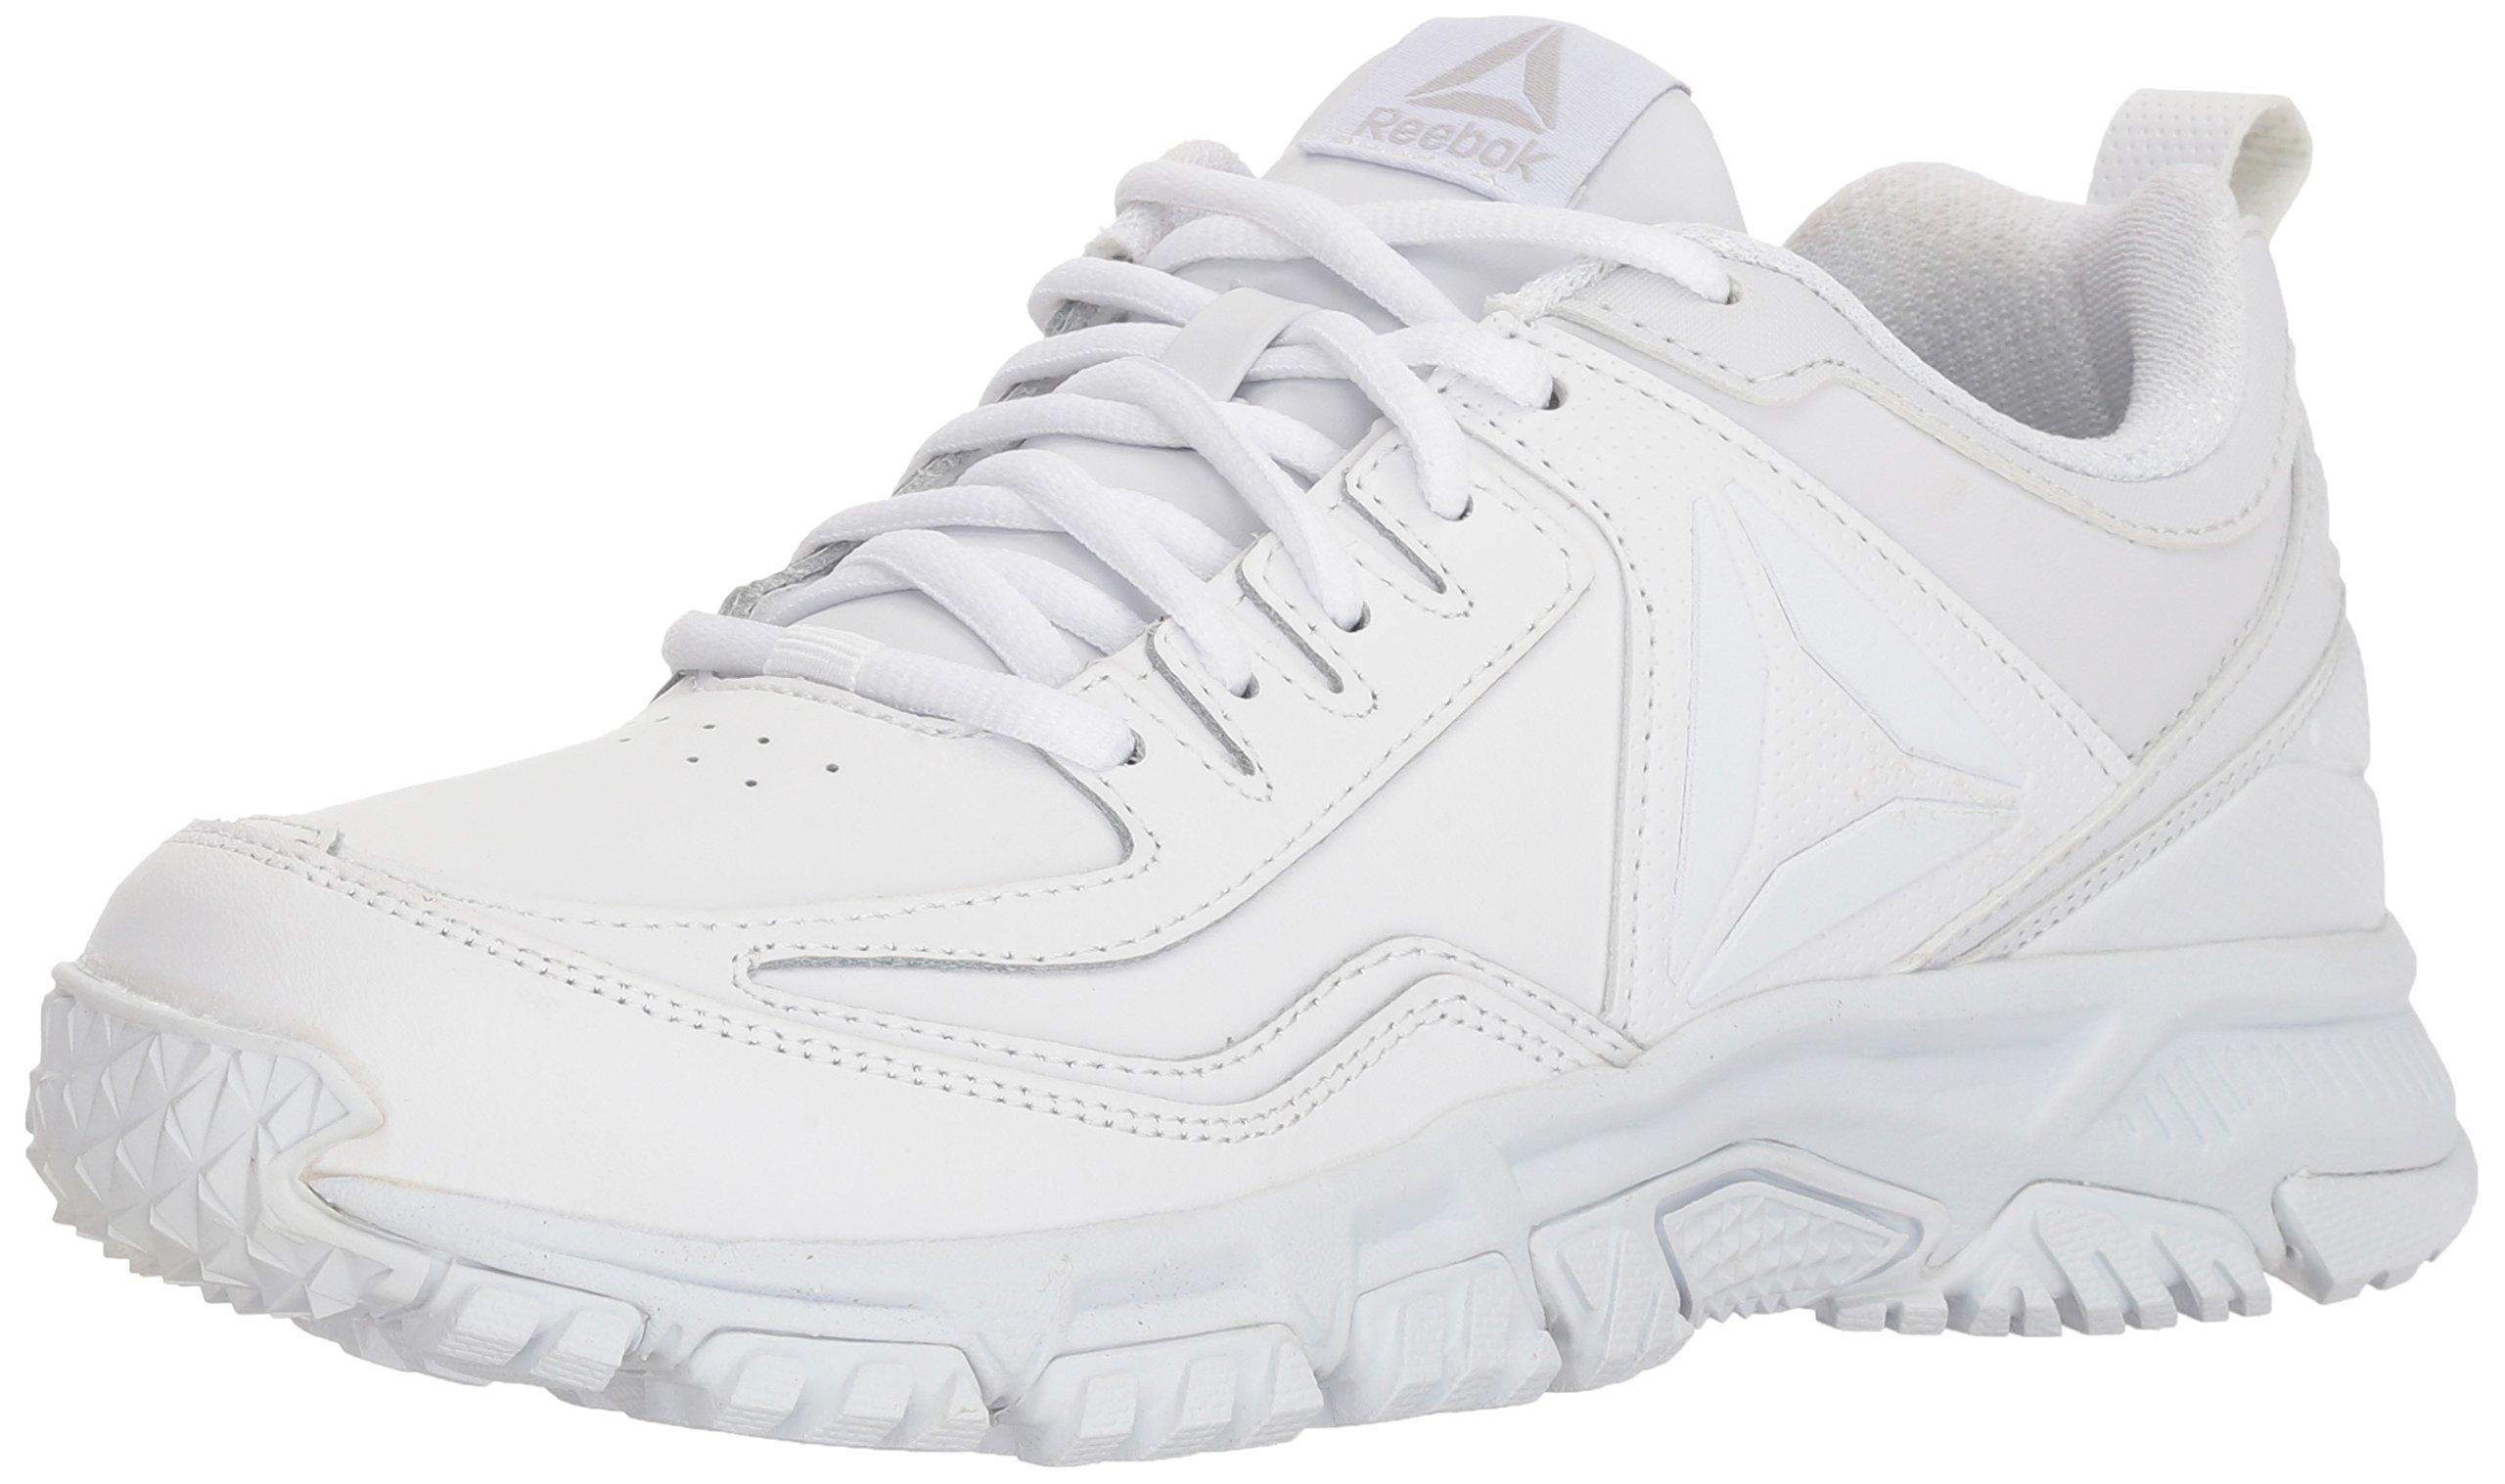 d1a4912395a Reebok Men s Ridgerider Leather Sneaker   Fashion Sneakers ...